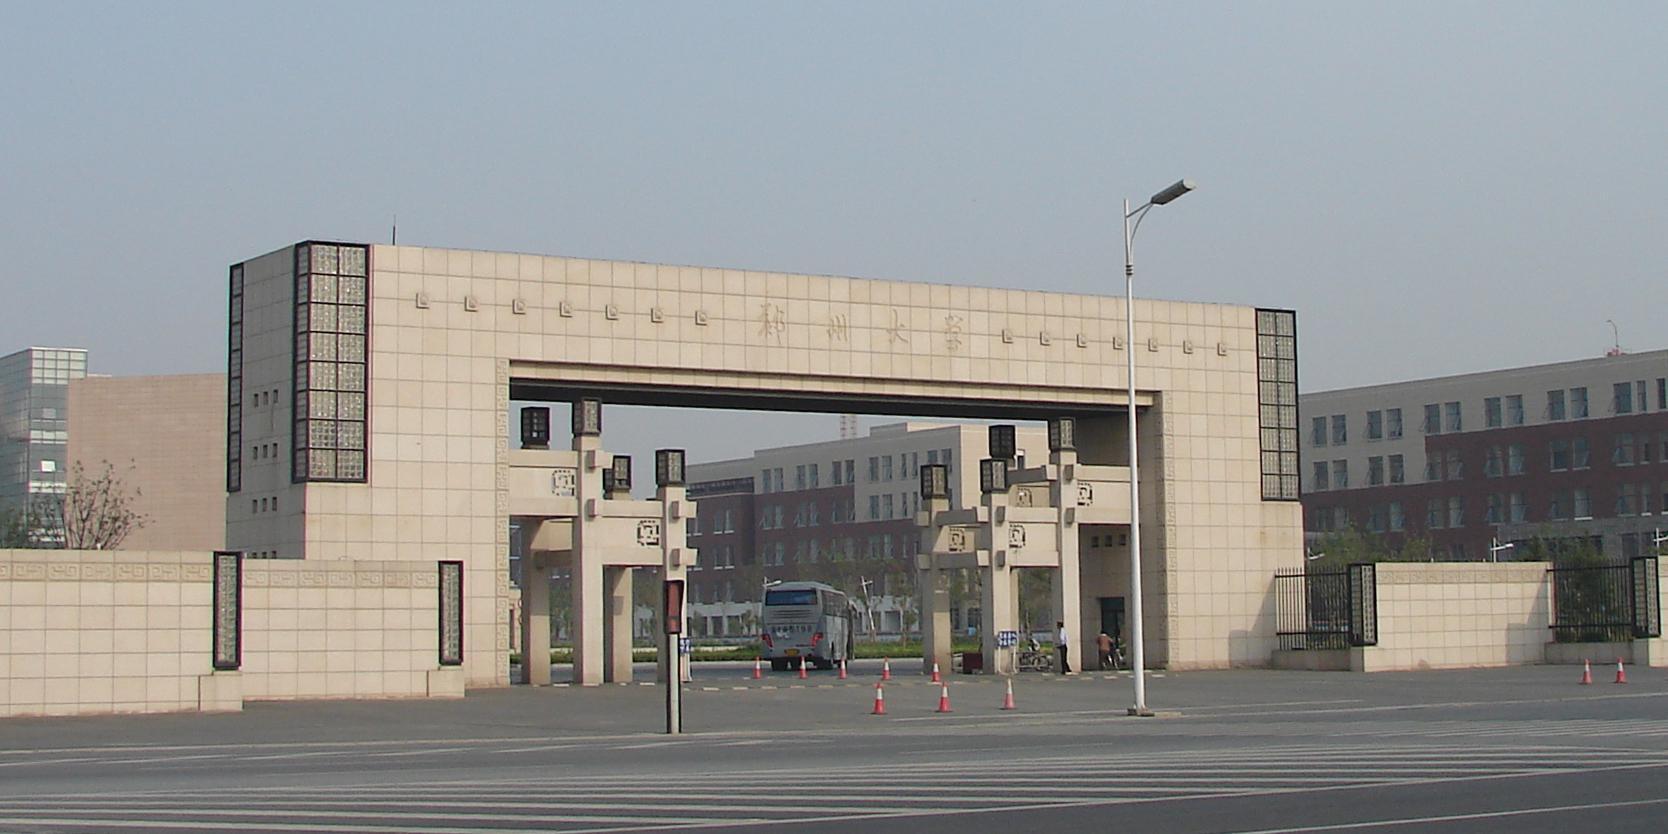 现有四个校区:主校区(郑州市科学大道100号),南校区(郑州市大学北路75